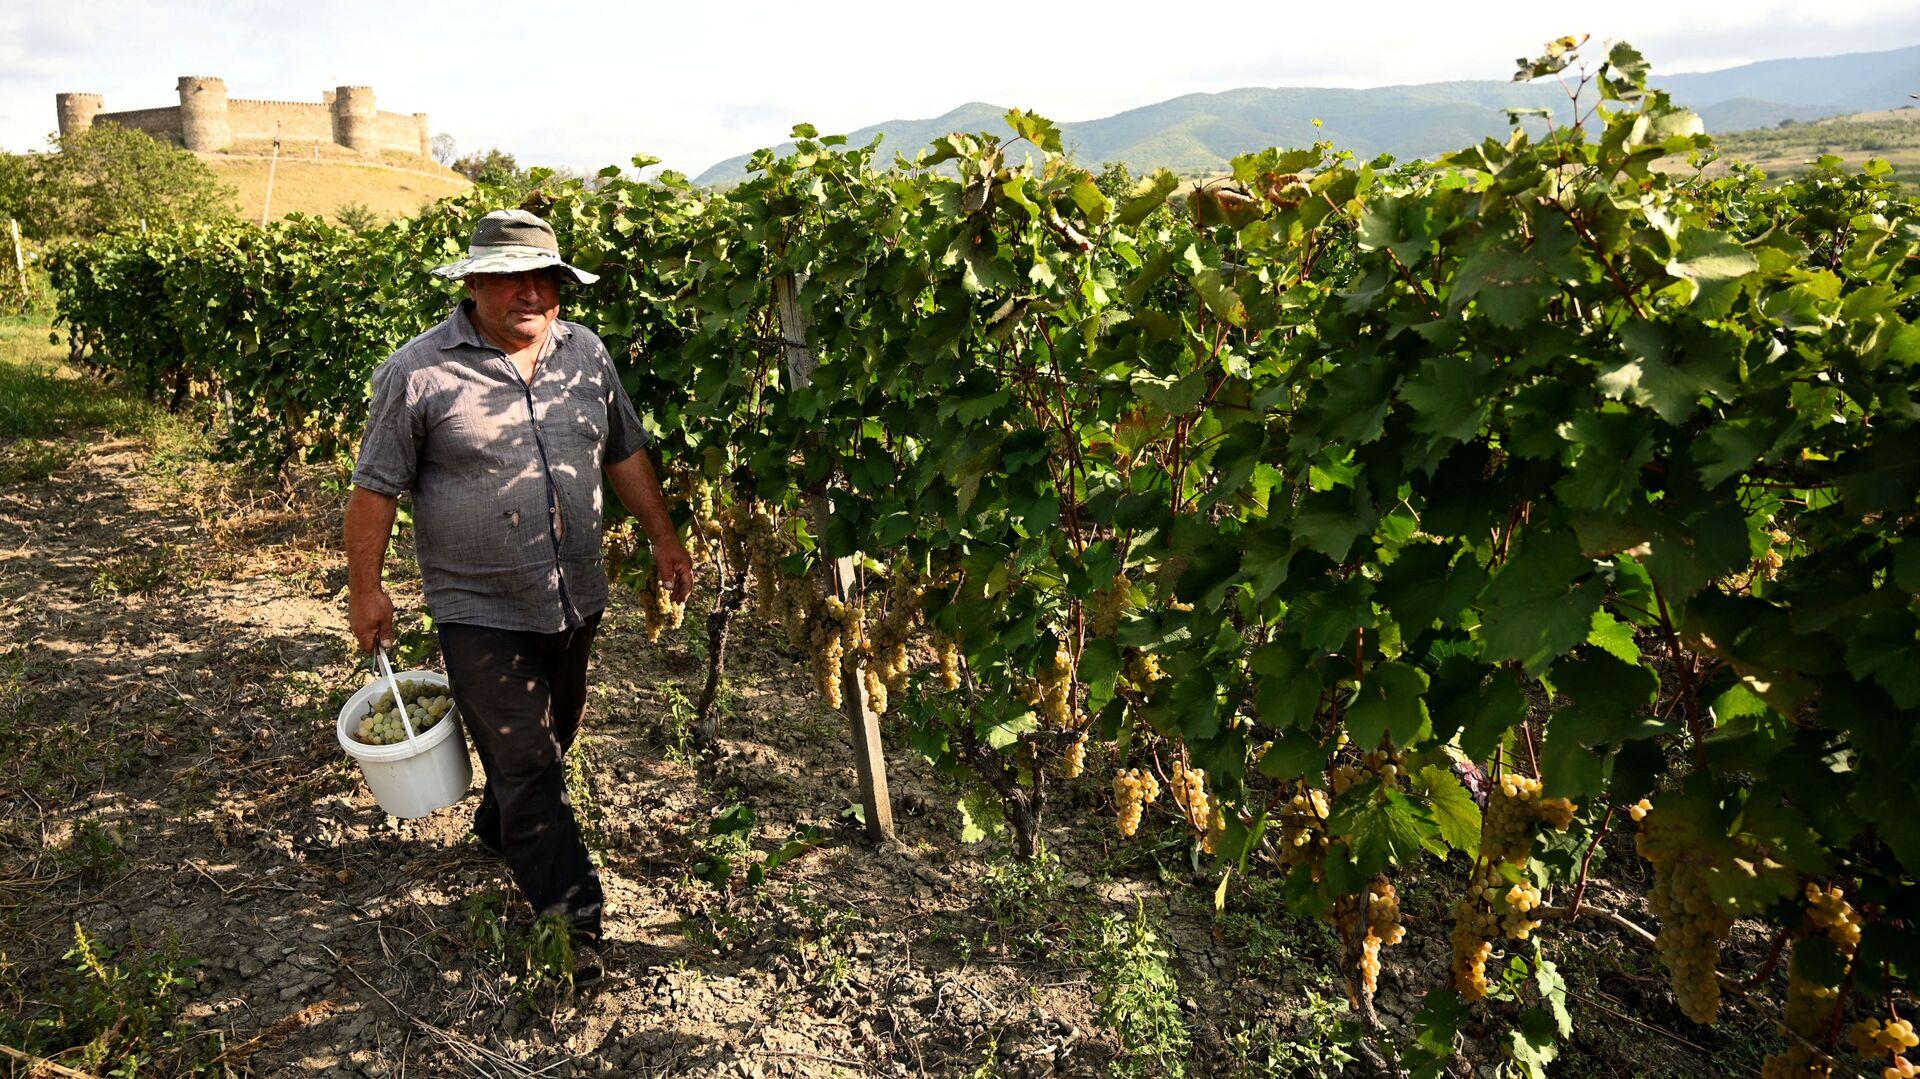 Сбор урожая винограда - ртвели в регионе Кахети  - Sputnik Грузия, 1920, 10.09.2021